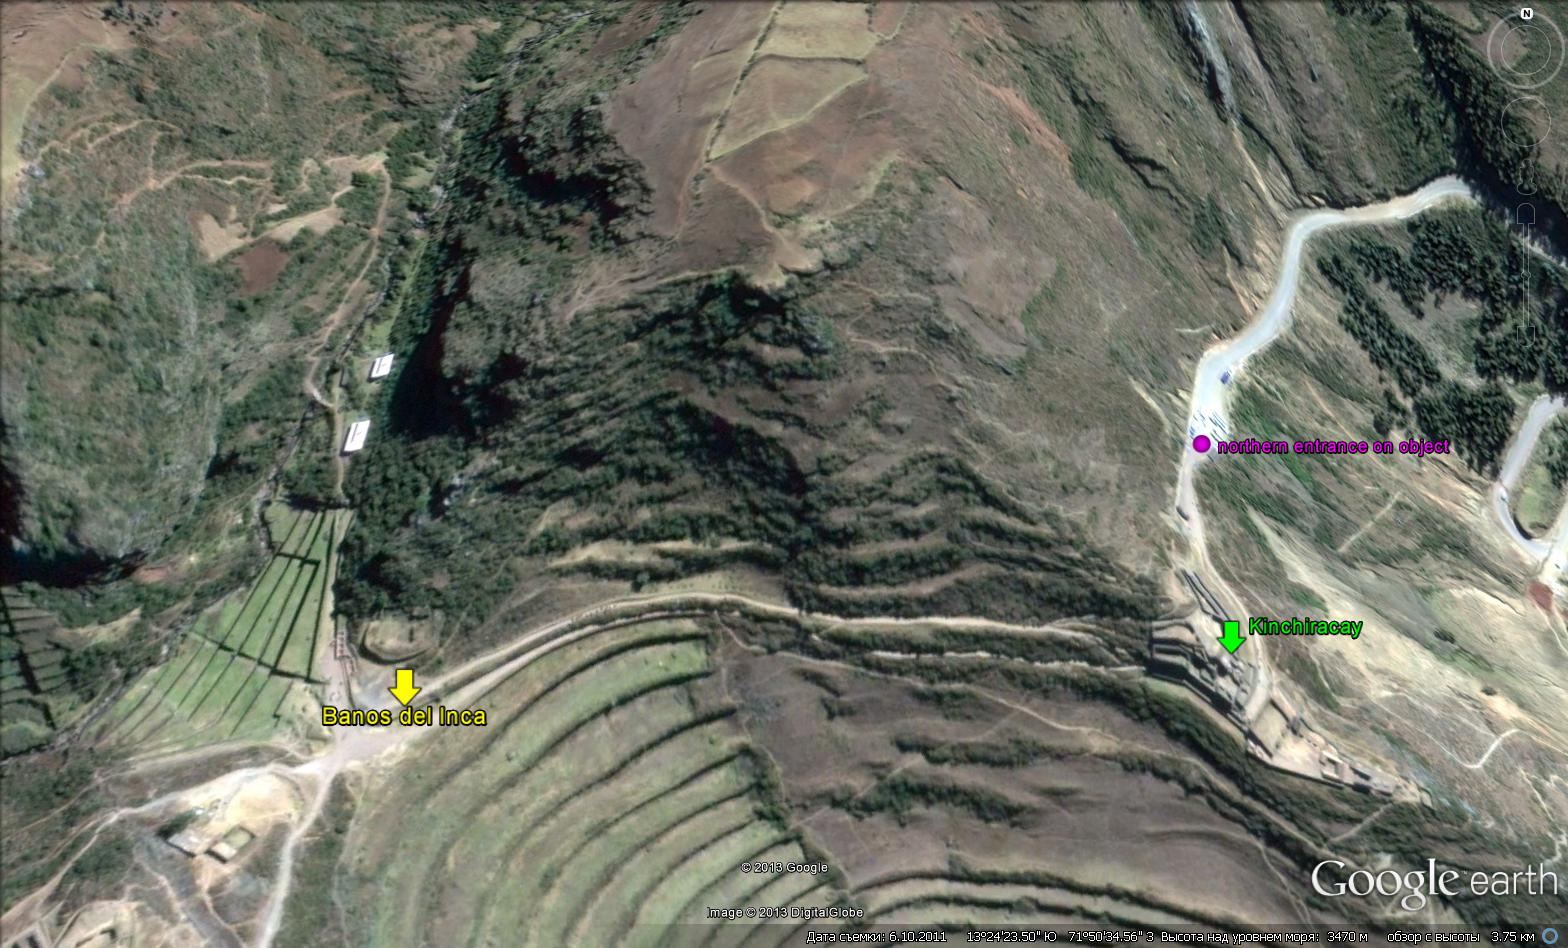 Ванны инков в археологическом комплексе Писак